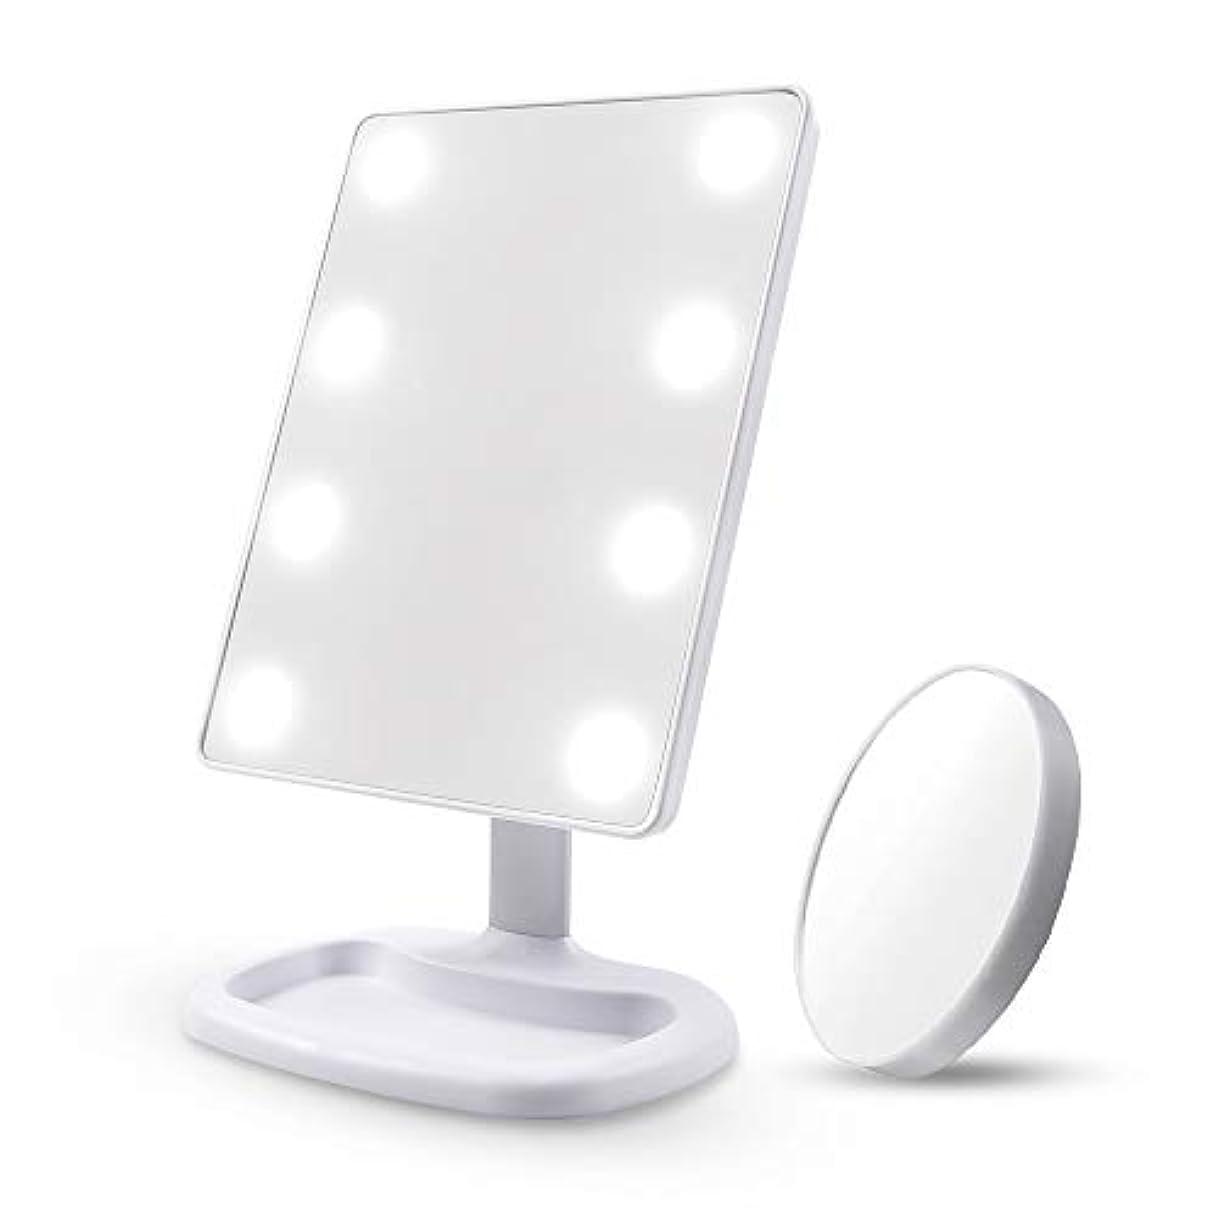 啓示ハンサムライバルDiolan 化粧鏡 女優ミラー 8個大きのLED付き 角度調節可能 10倍拡大鏡付き